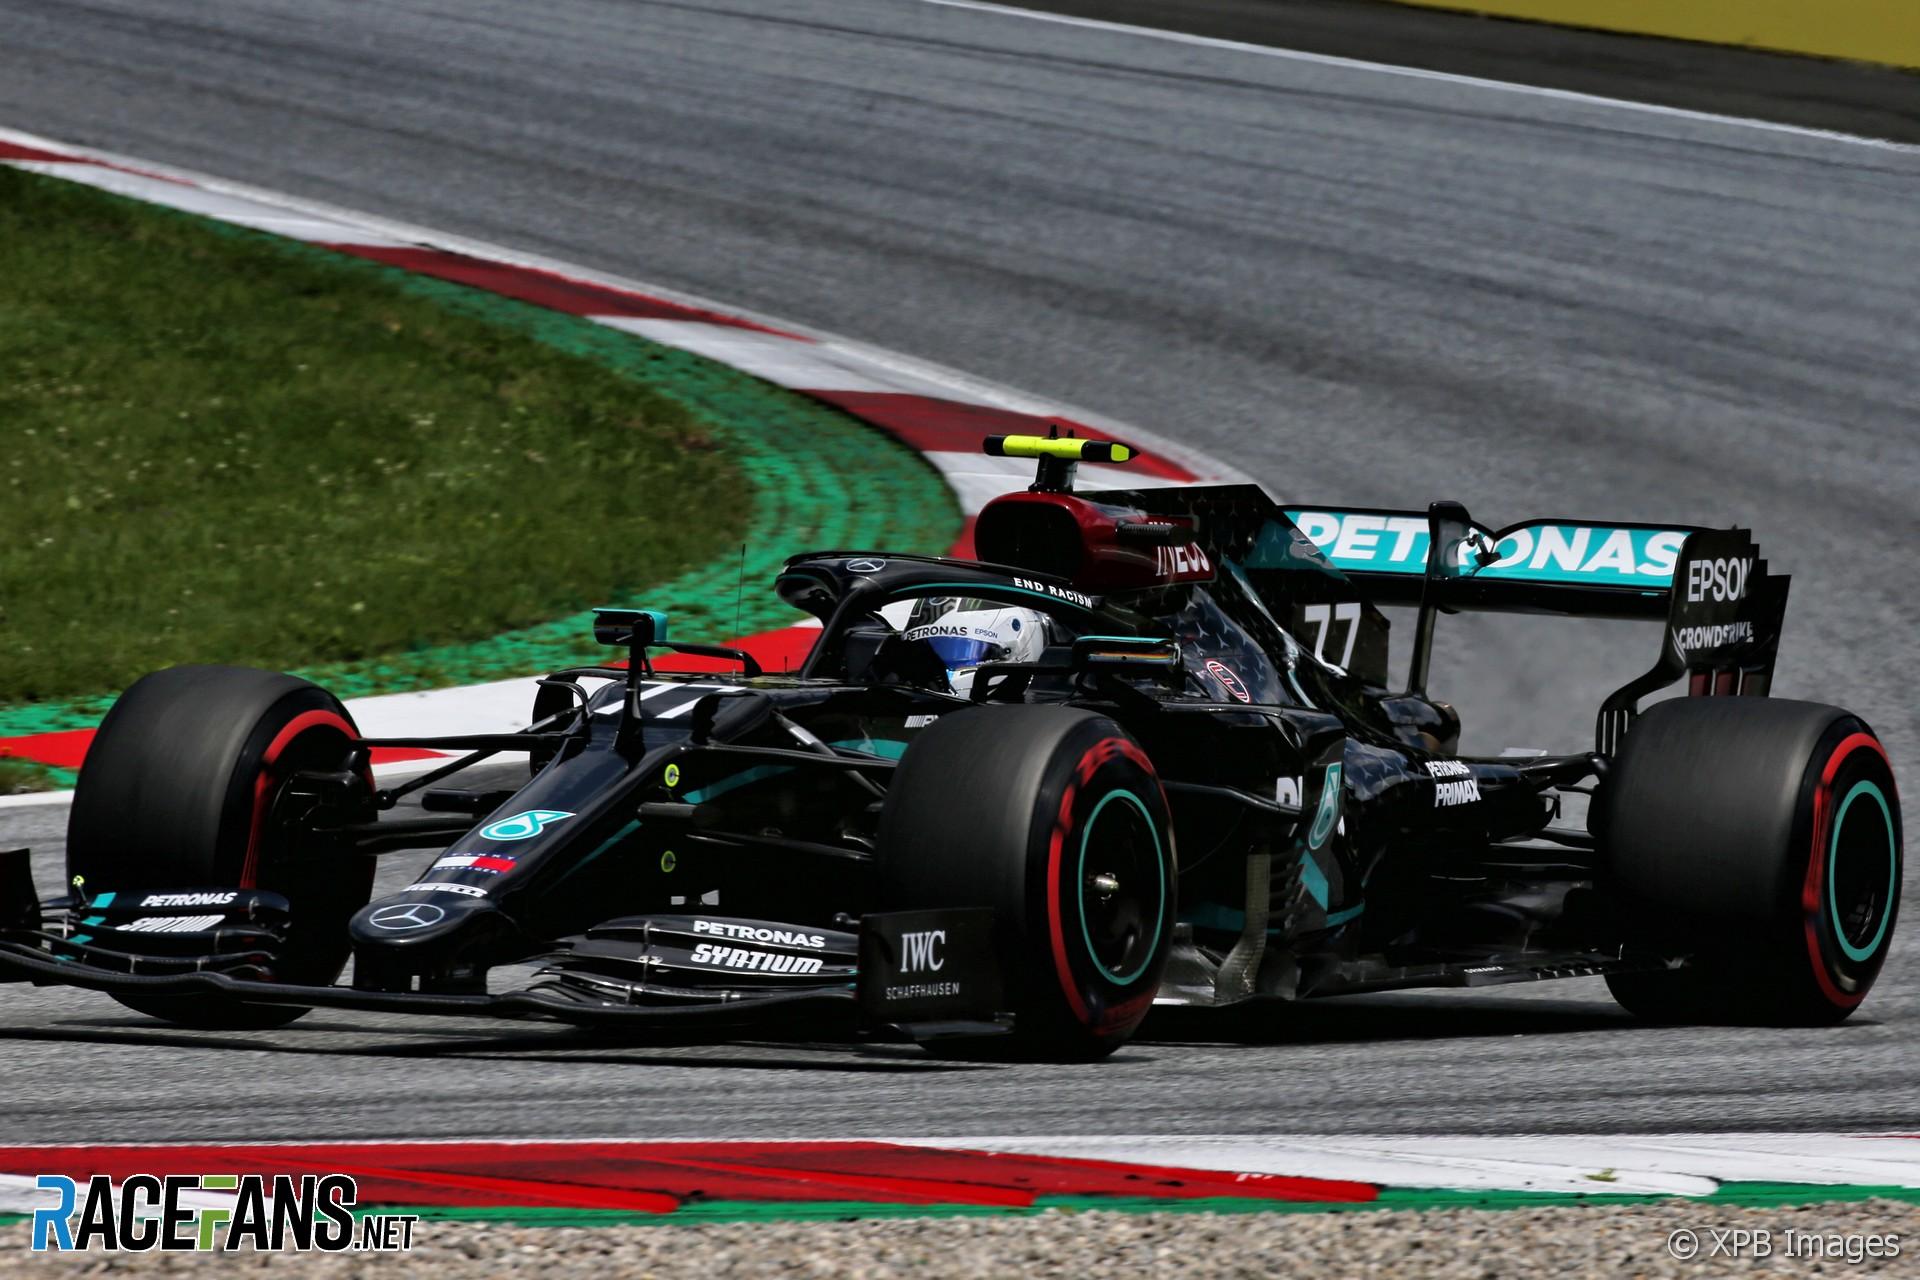 racefansdotnet-20200704-124815-39.jpg